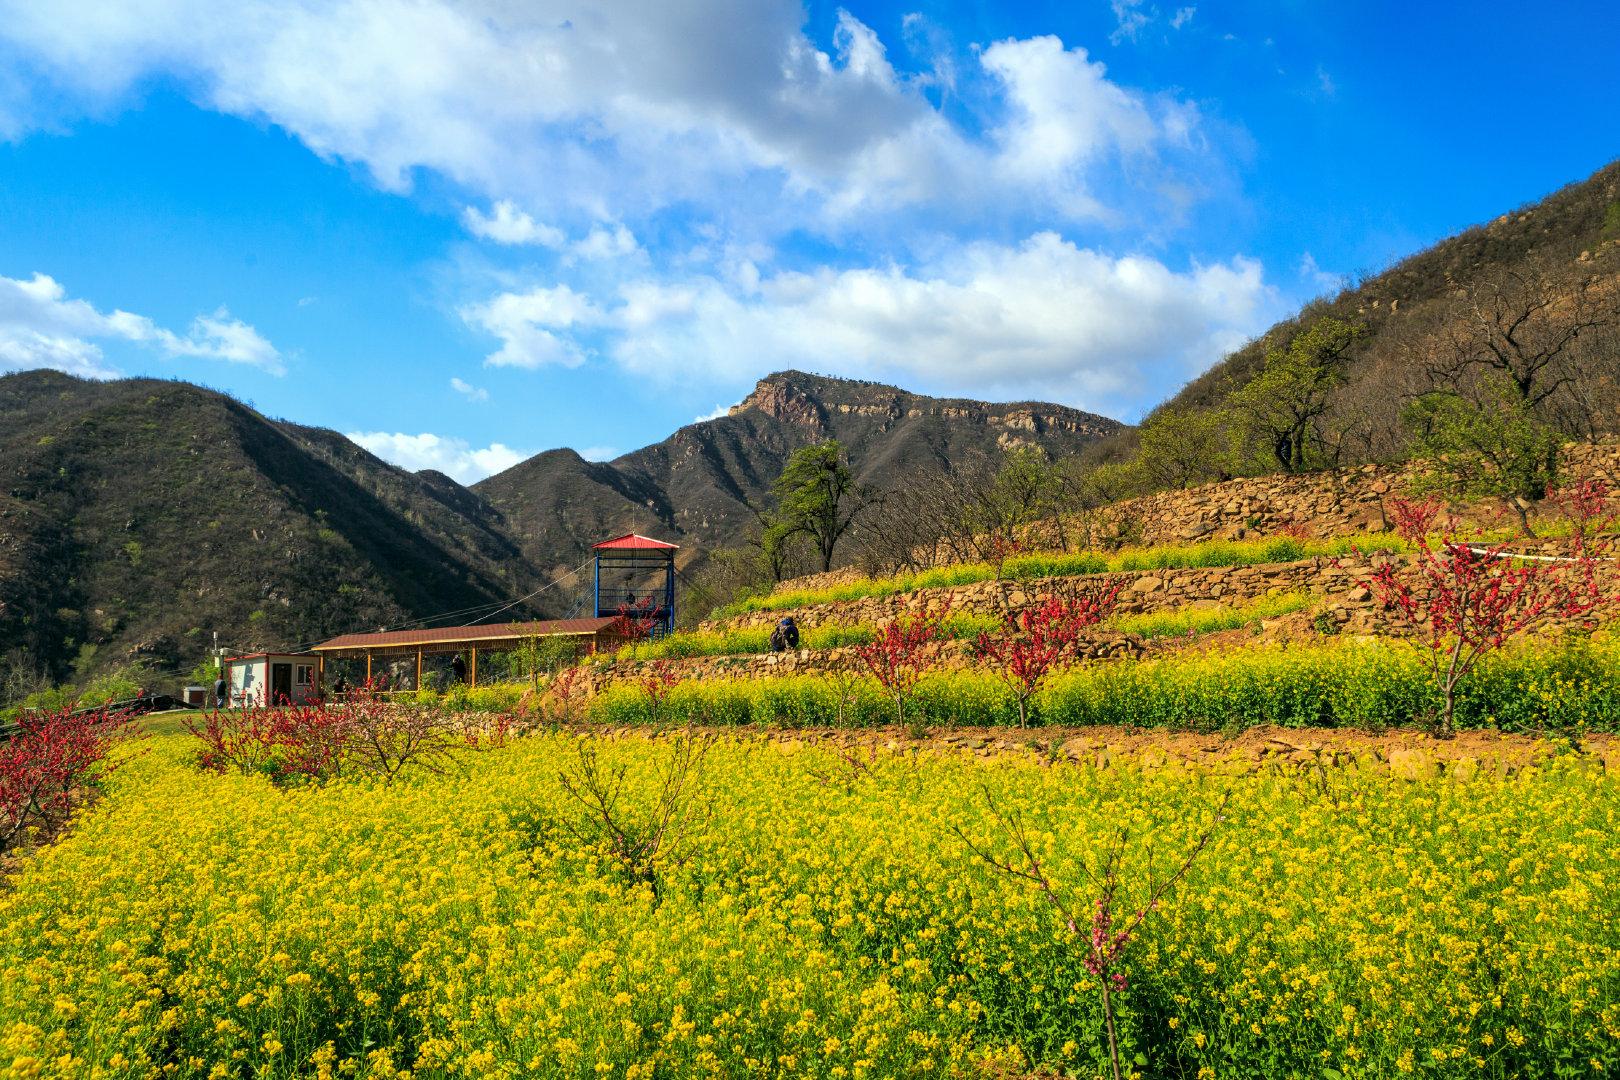 春暖油菜花开,花开时节想见你!鹿泉区常河常馨谷景区恢复开放